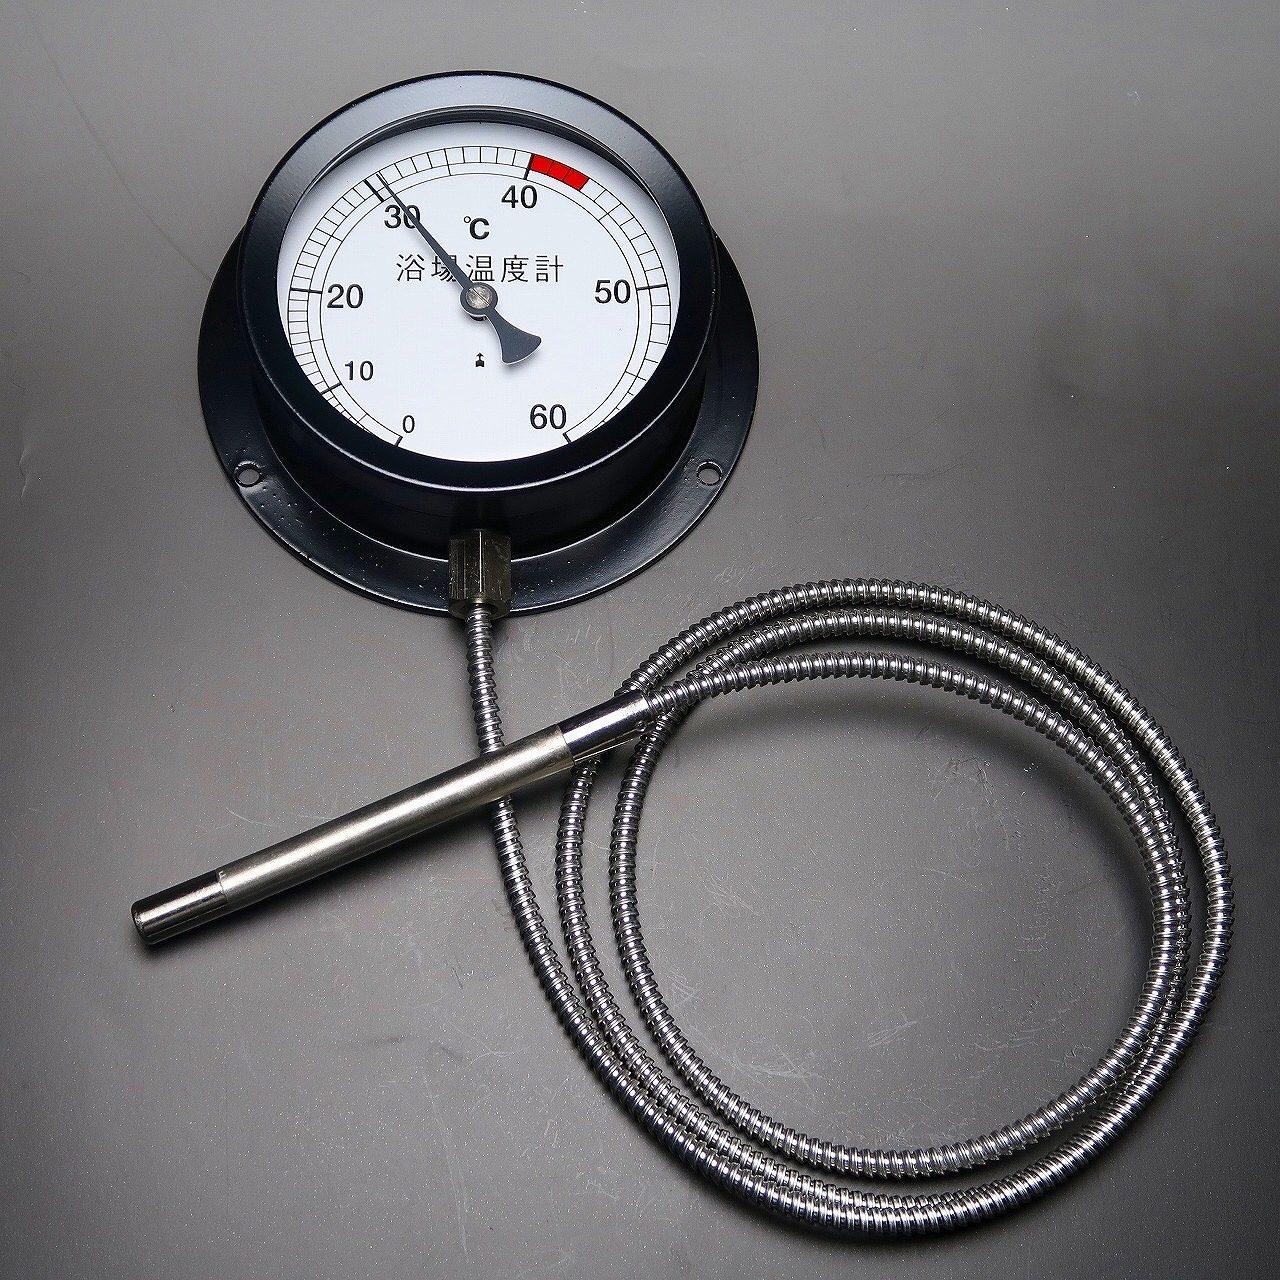 浴場用温度計 お風呂の温度計